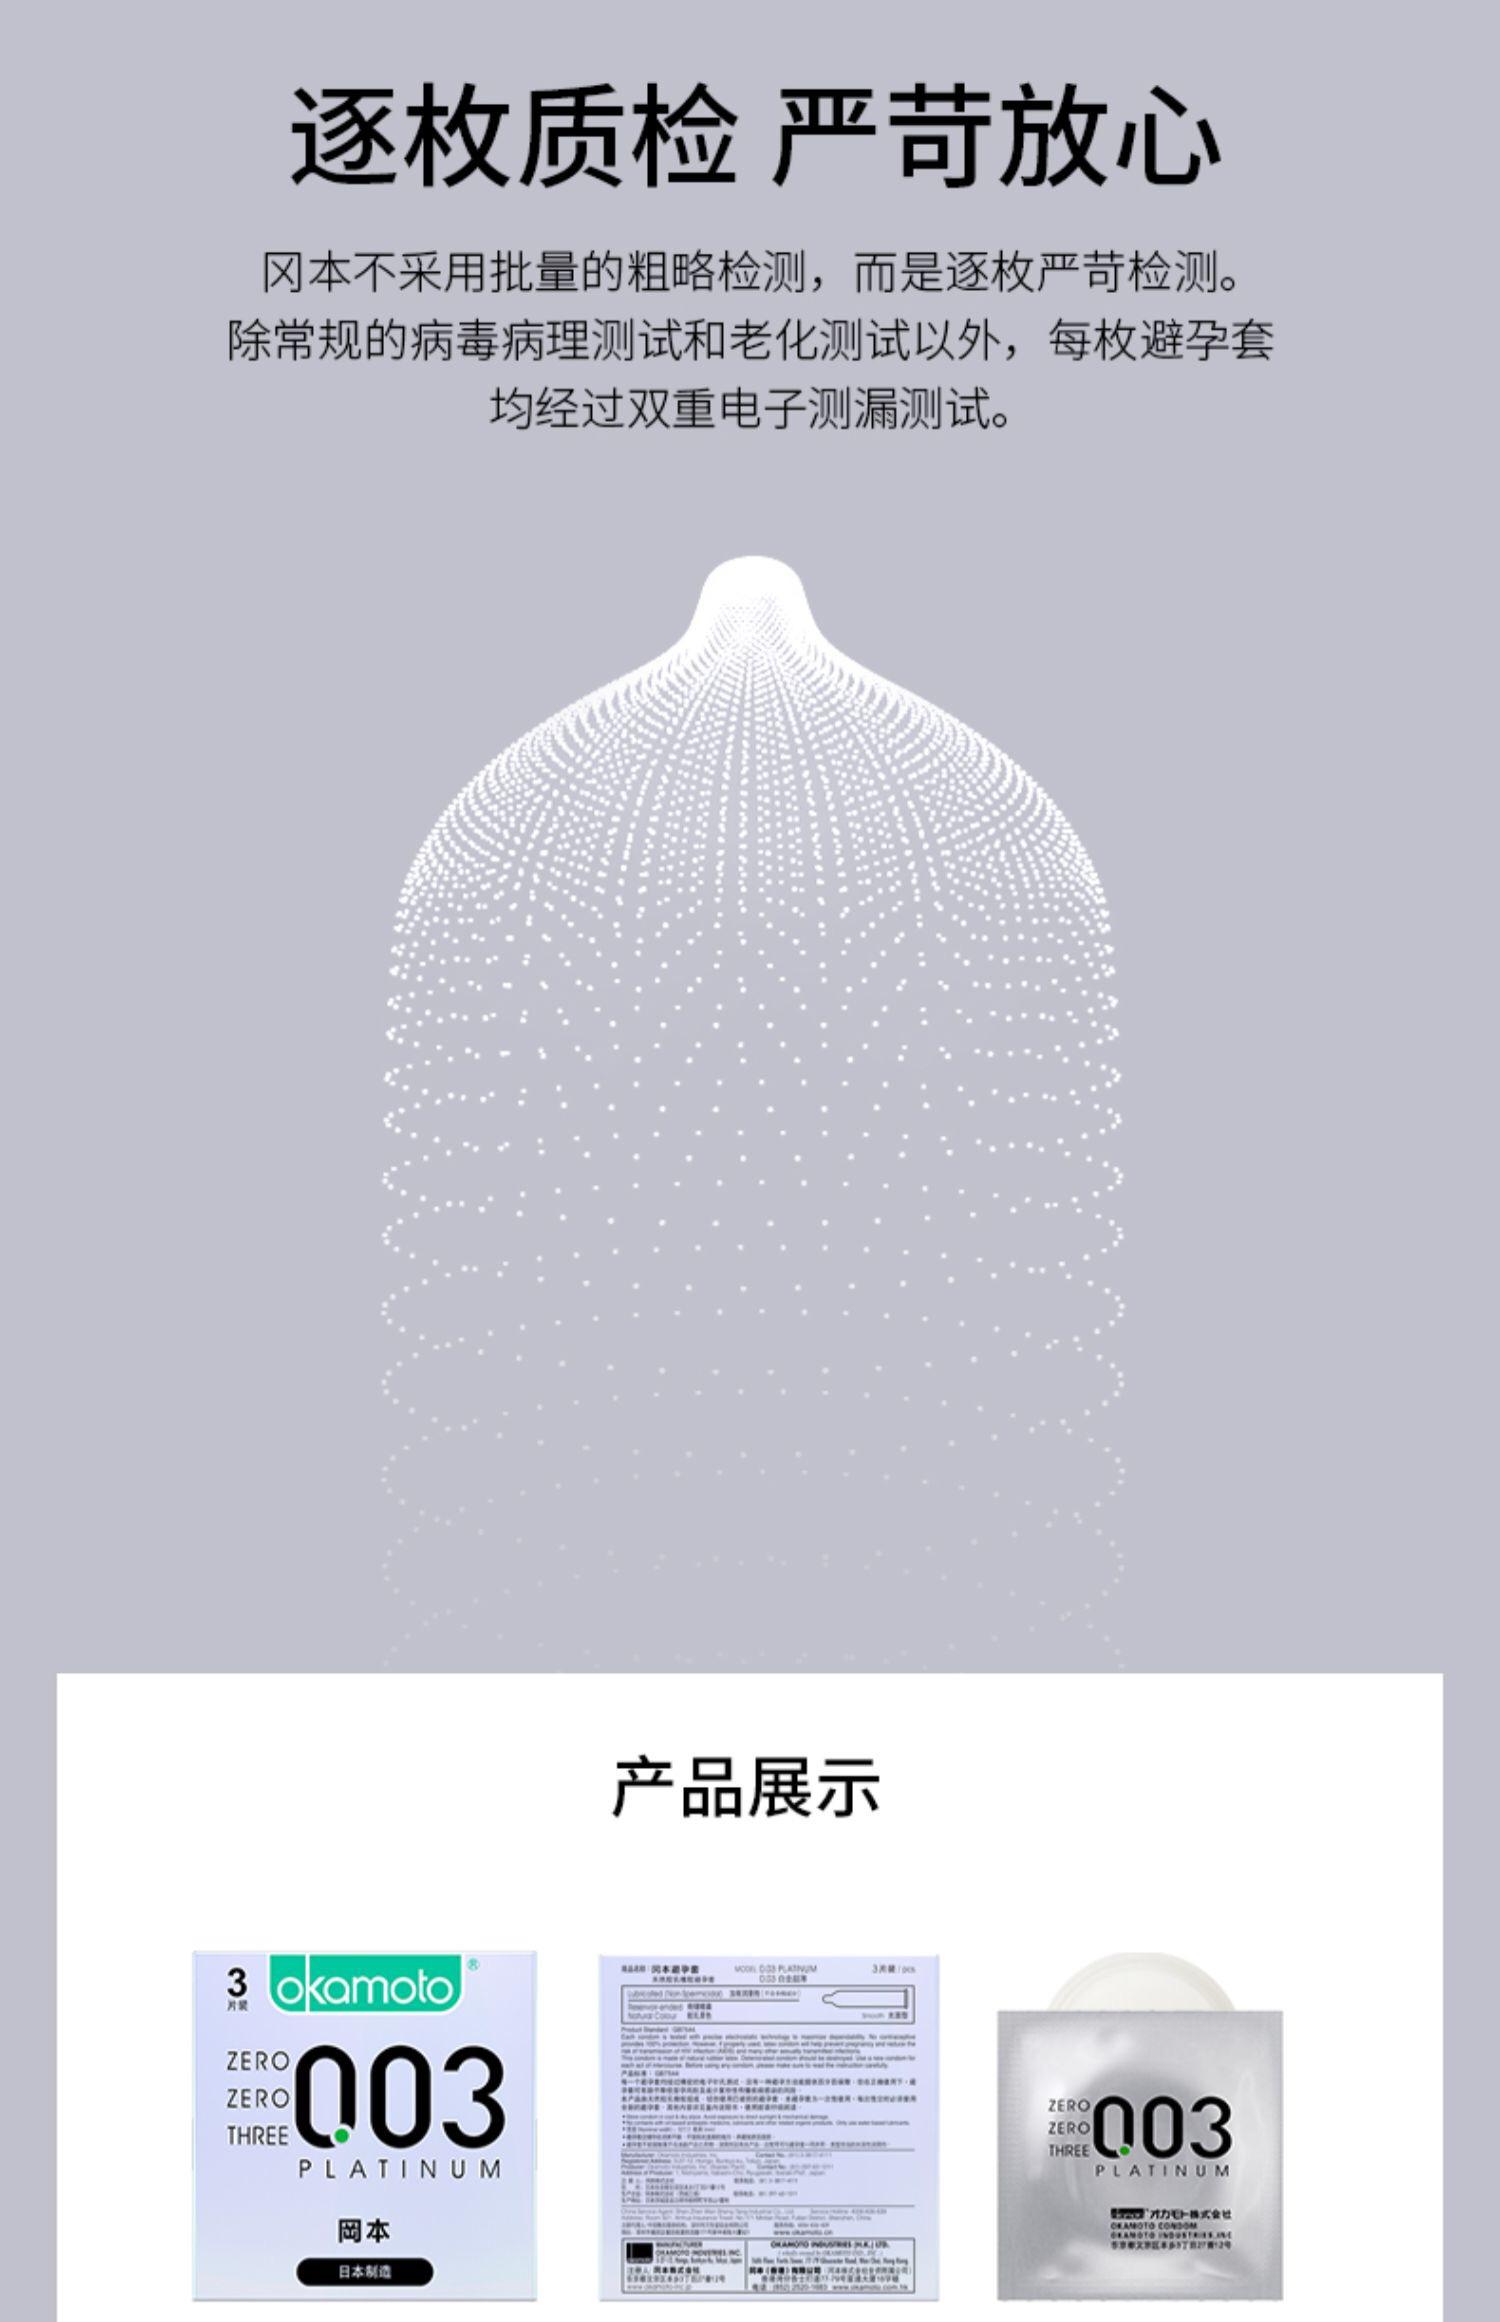 冈本OK安全套-0.03白金超薄3只 9.jpg